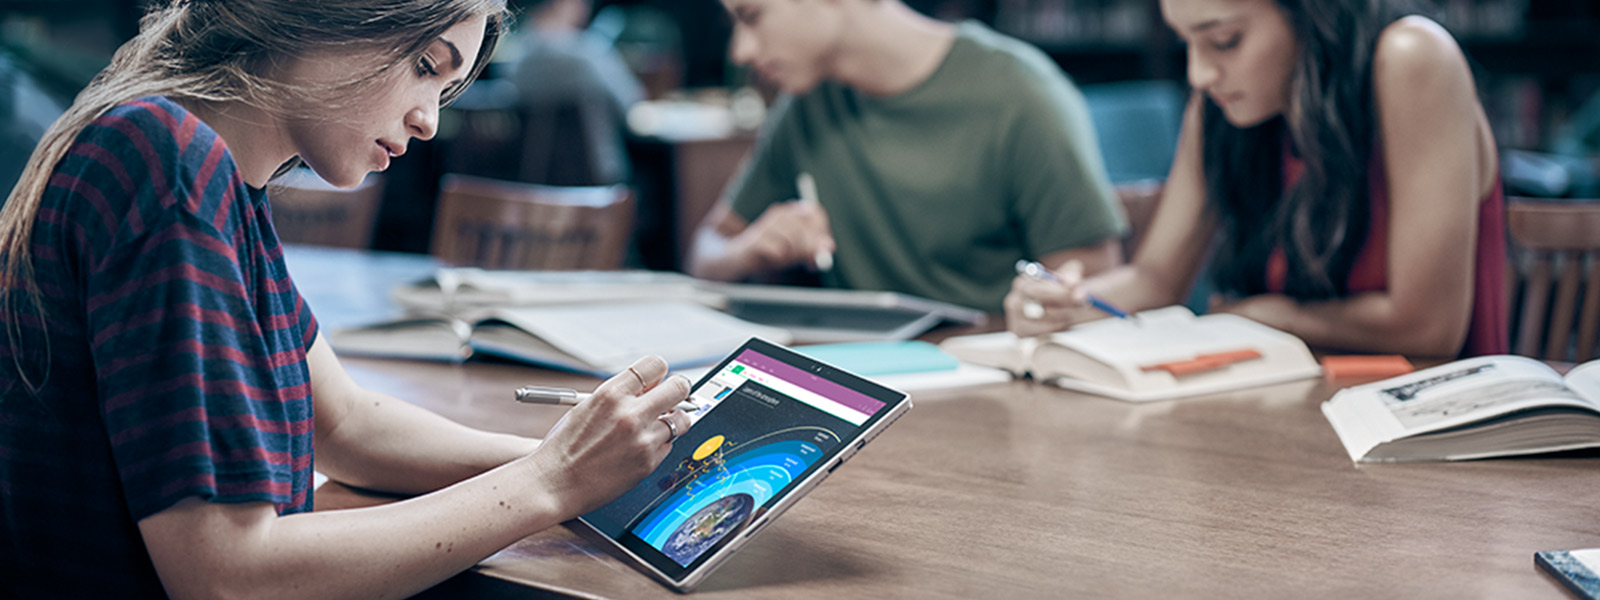 Alumno que trabaja con Surface Pro 4 en una biblioteca